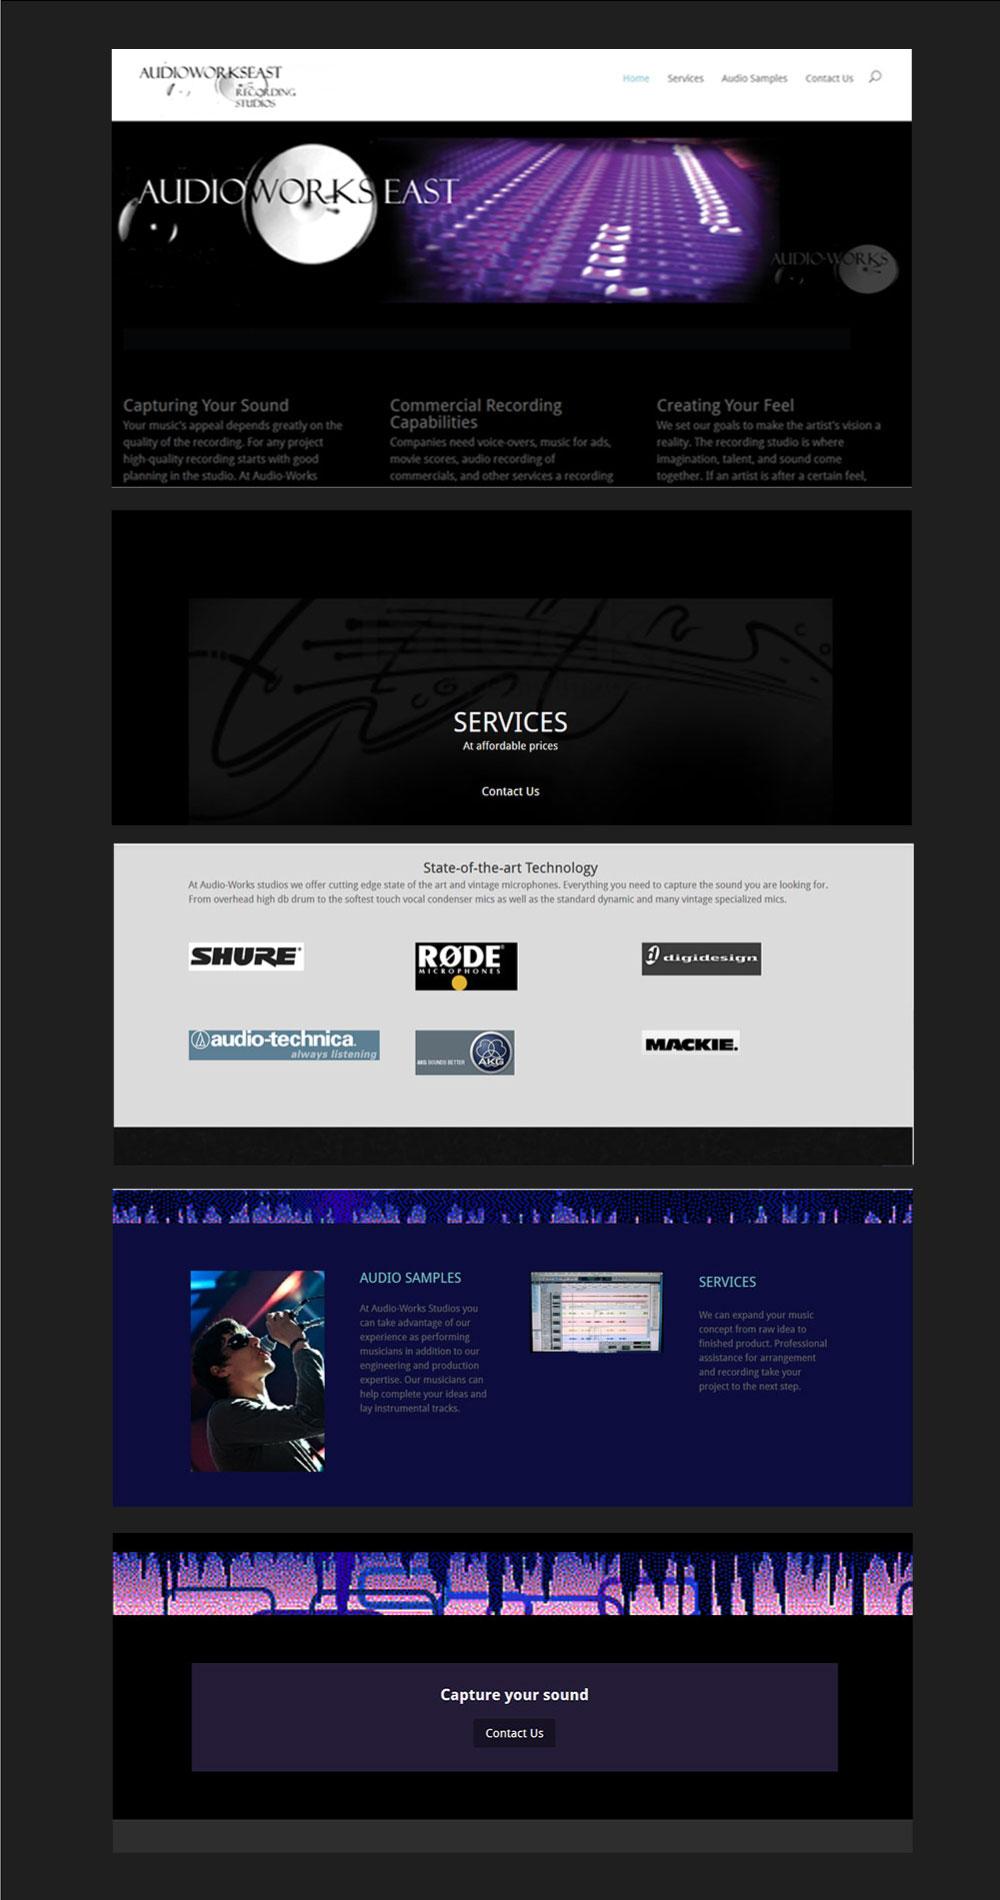 audioworkseast-pages-rev-2